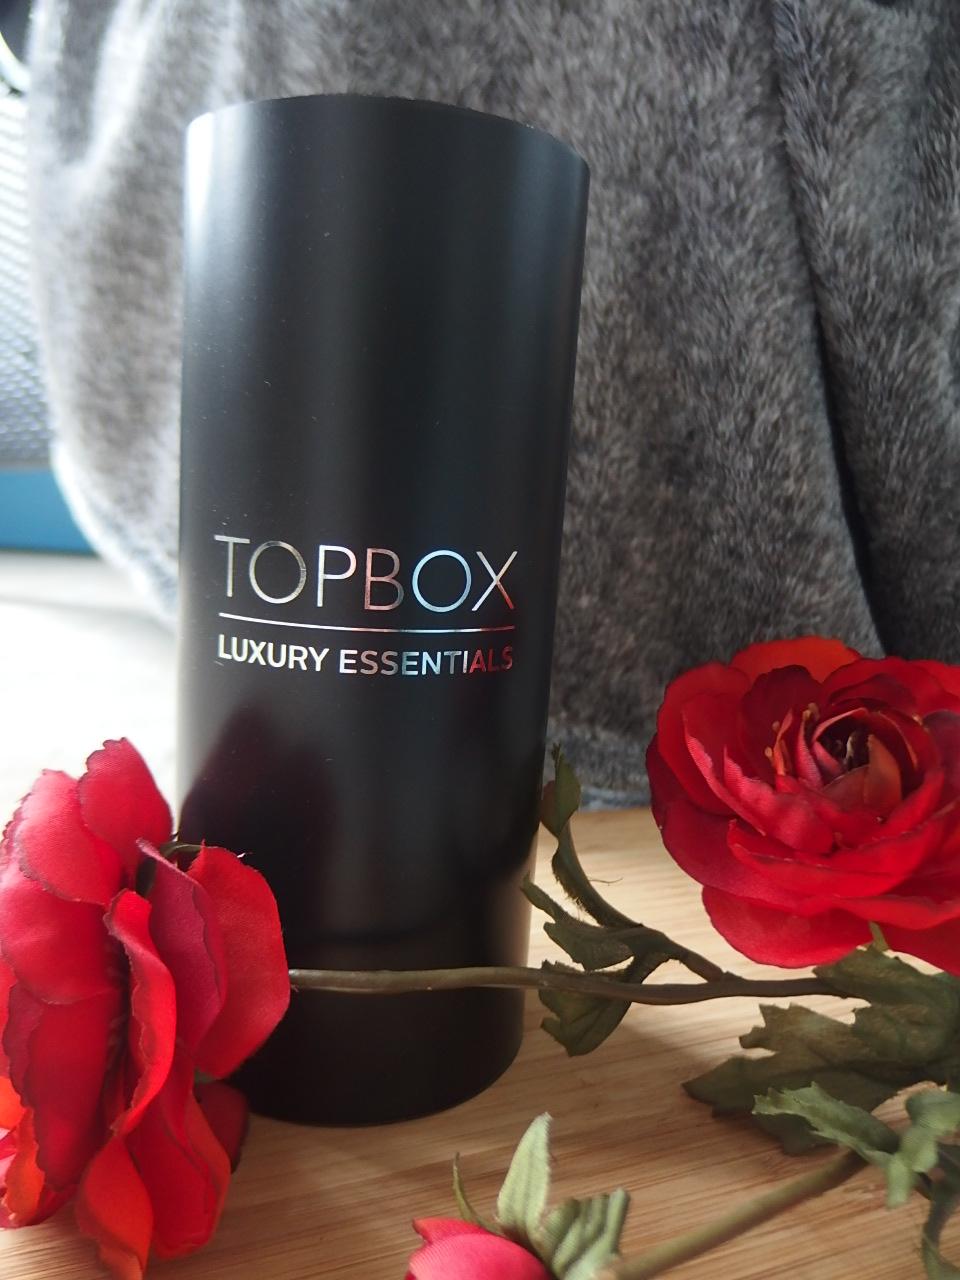 TOPBOX Luxury Essentials